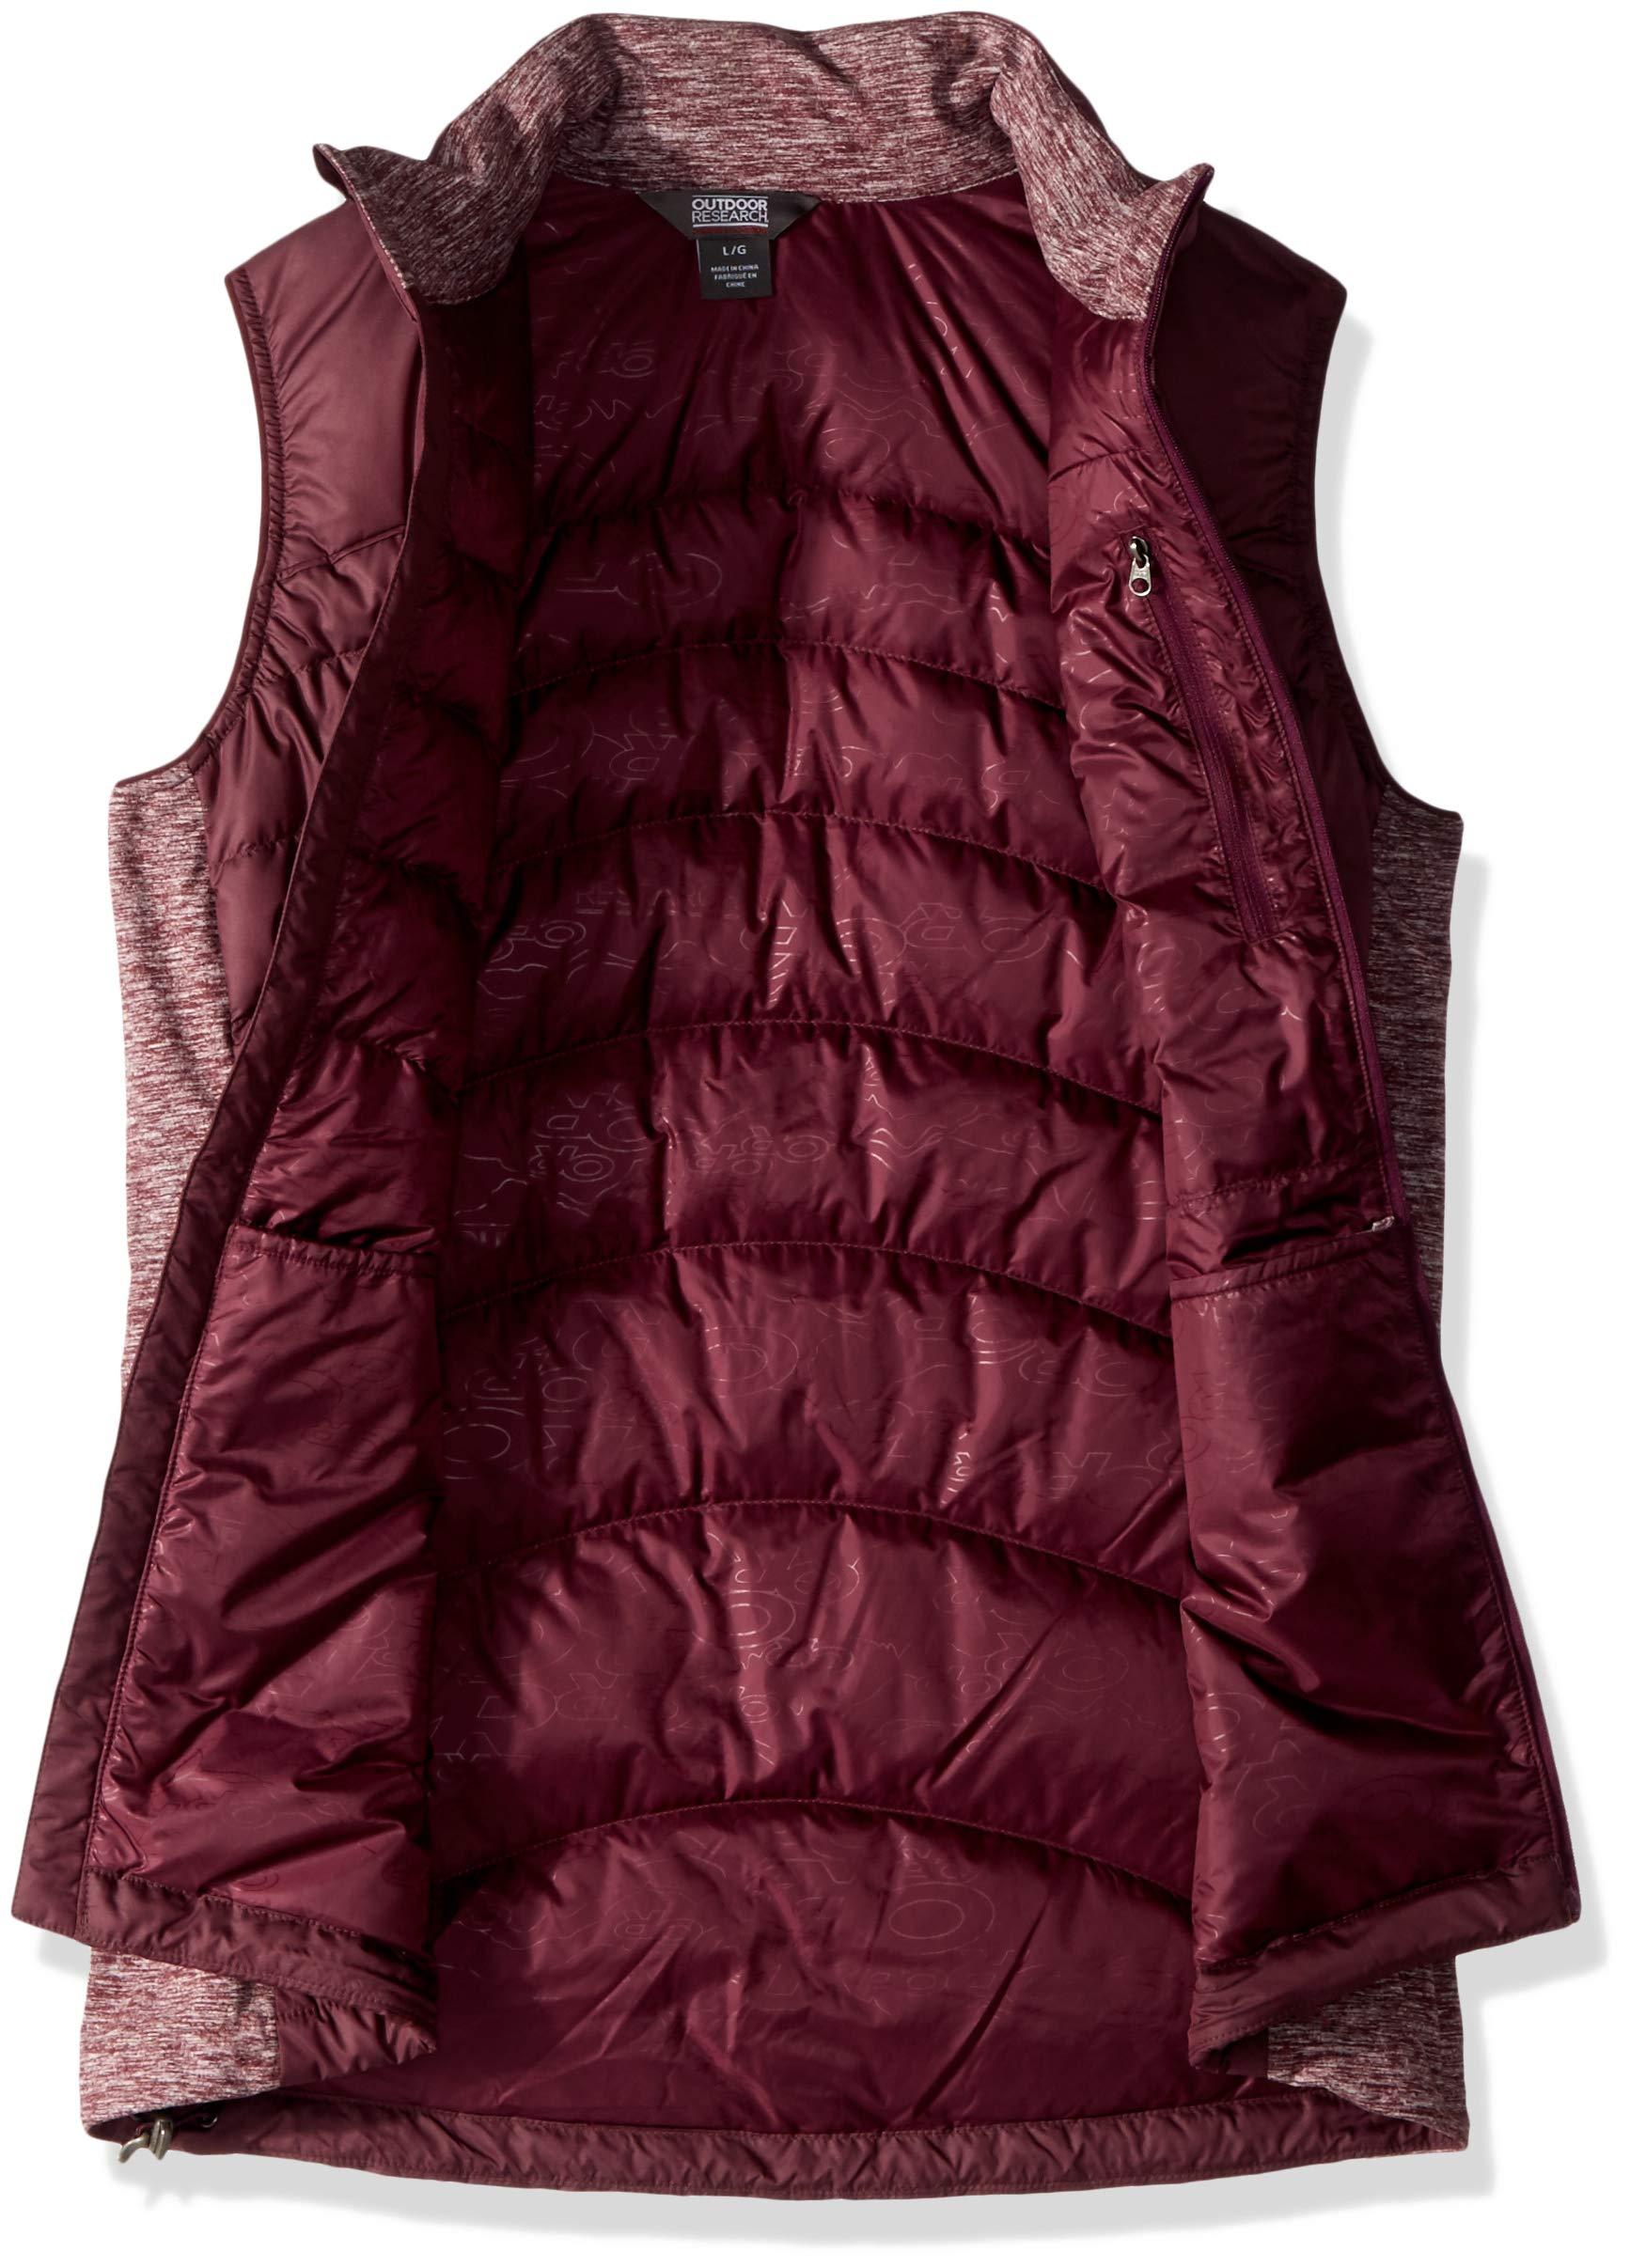 Outdoor Research Women's Plaza Vest